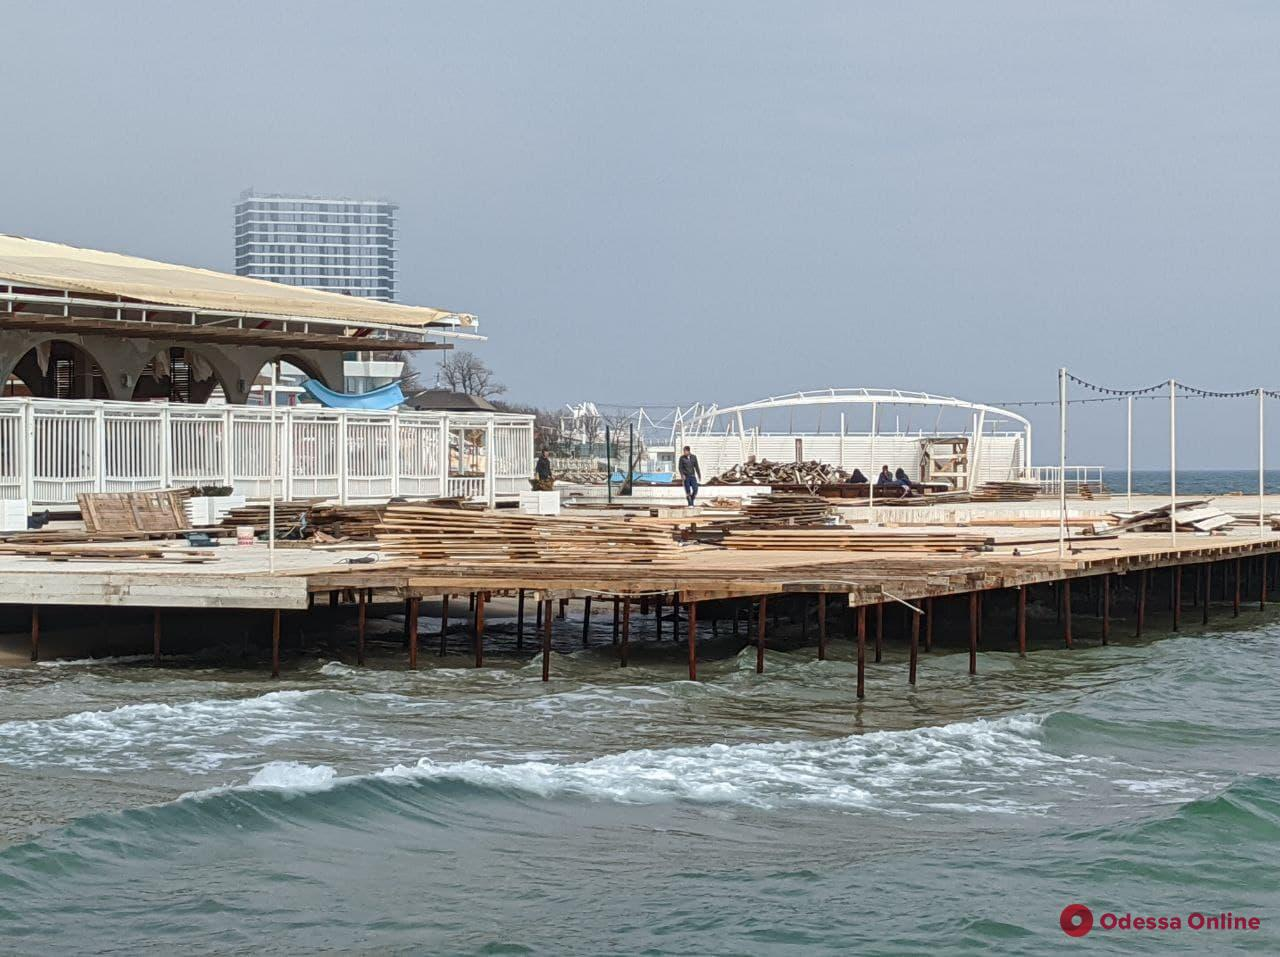 Незаконное строительство на пляже: одесские чиновники нагрянули в Аркадию